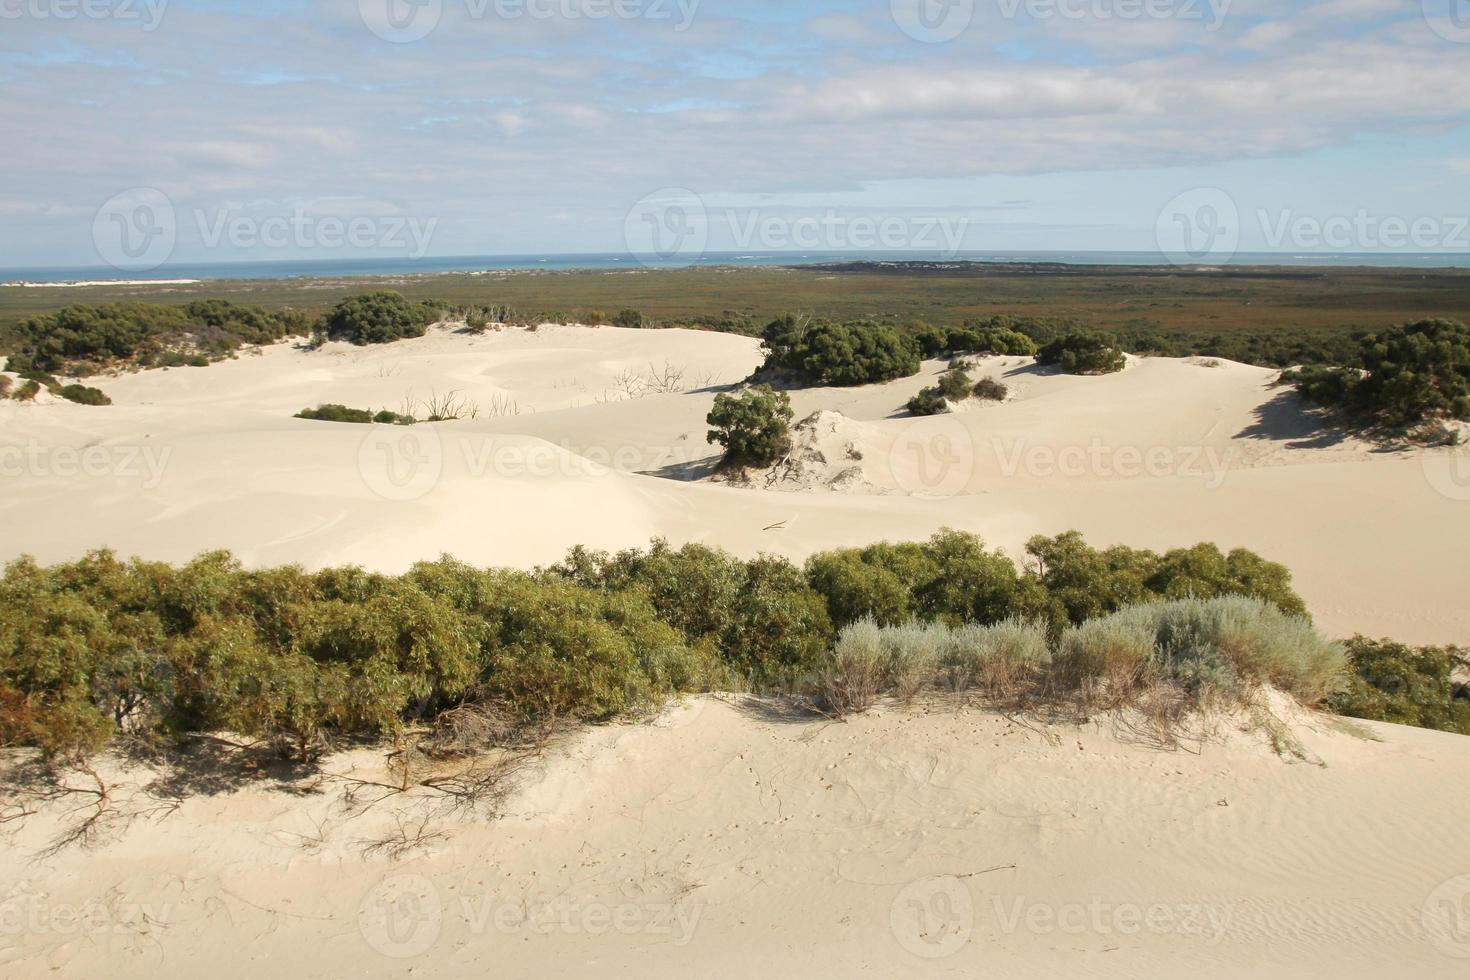 die Wüste foto